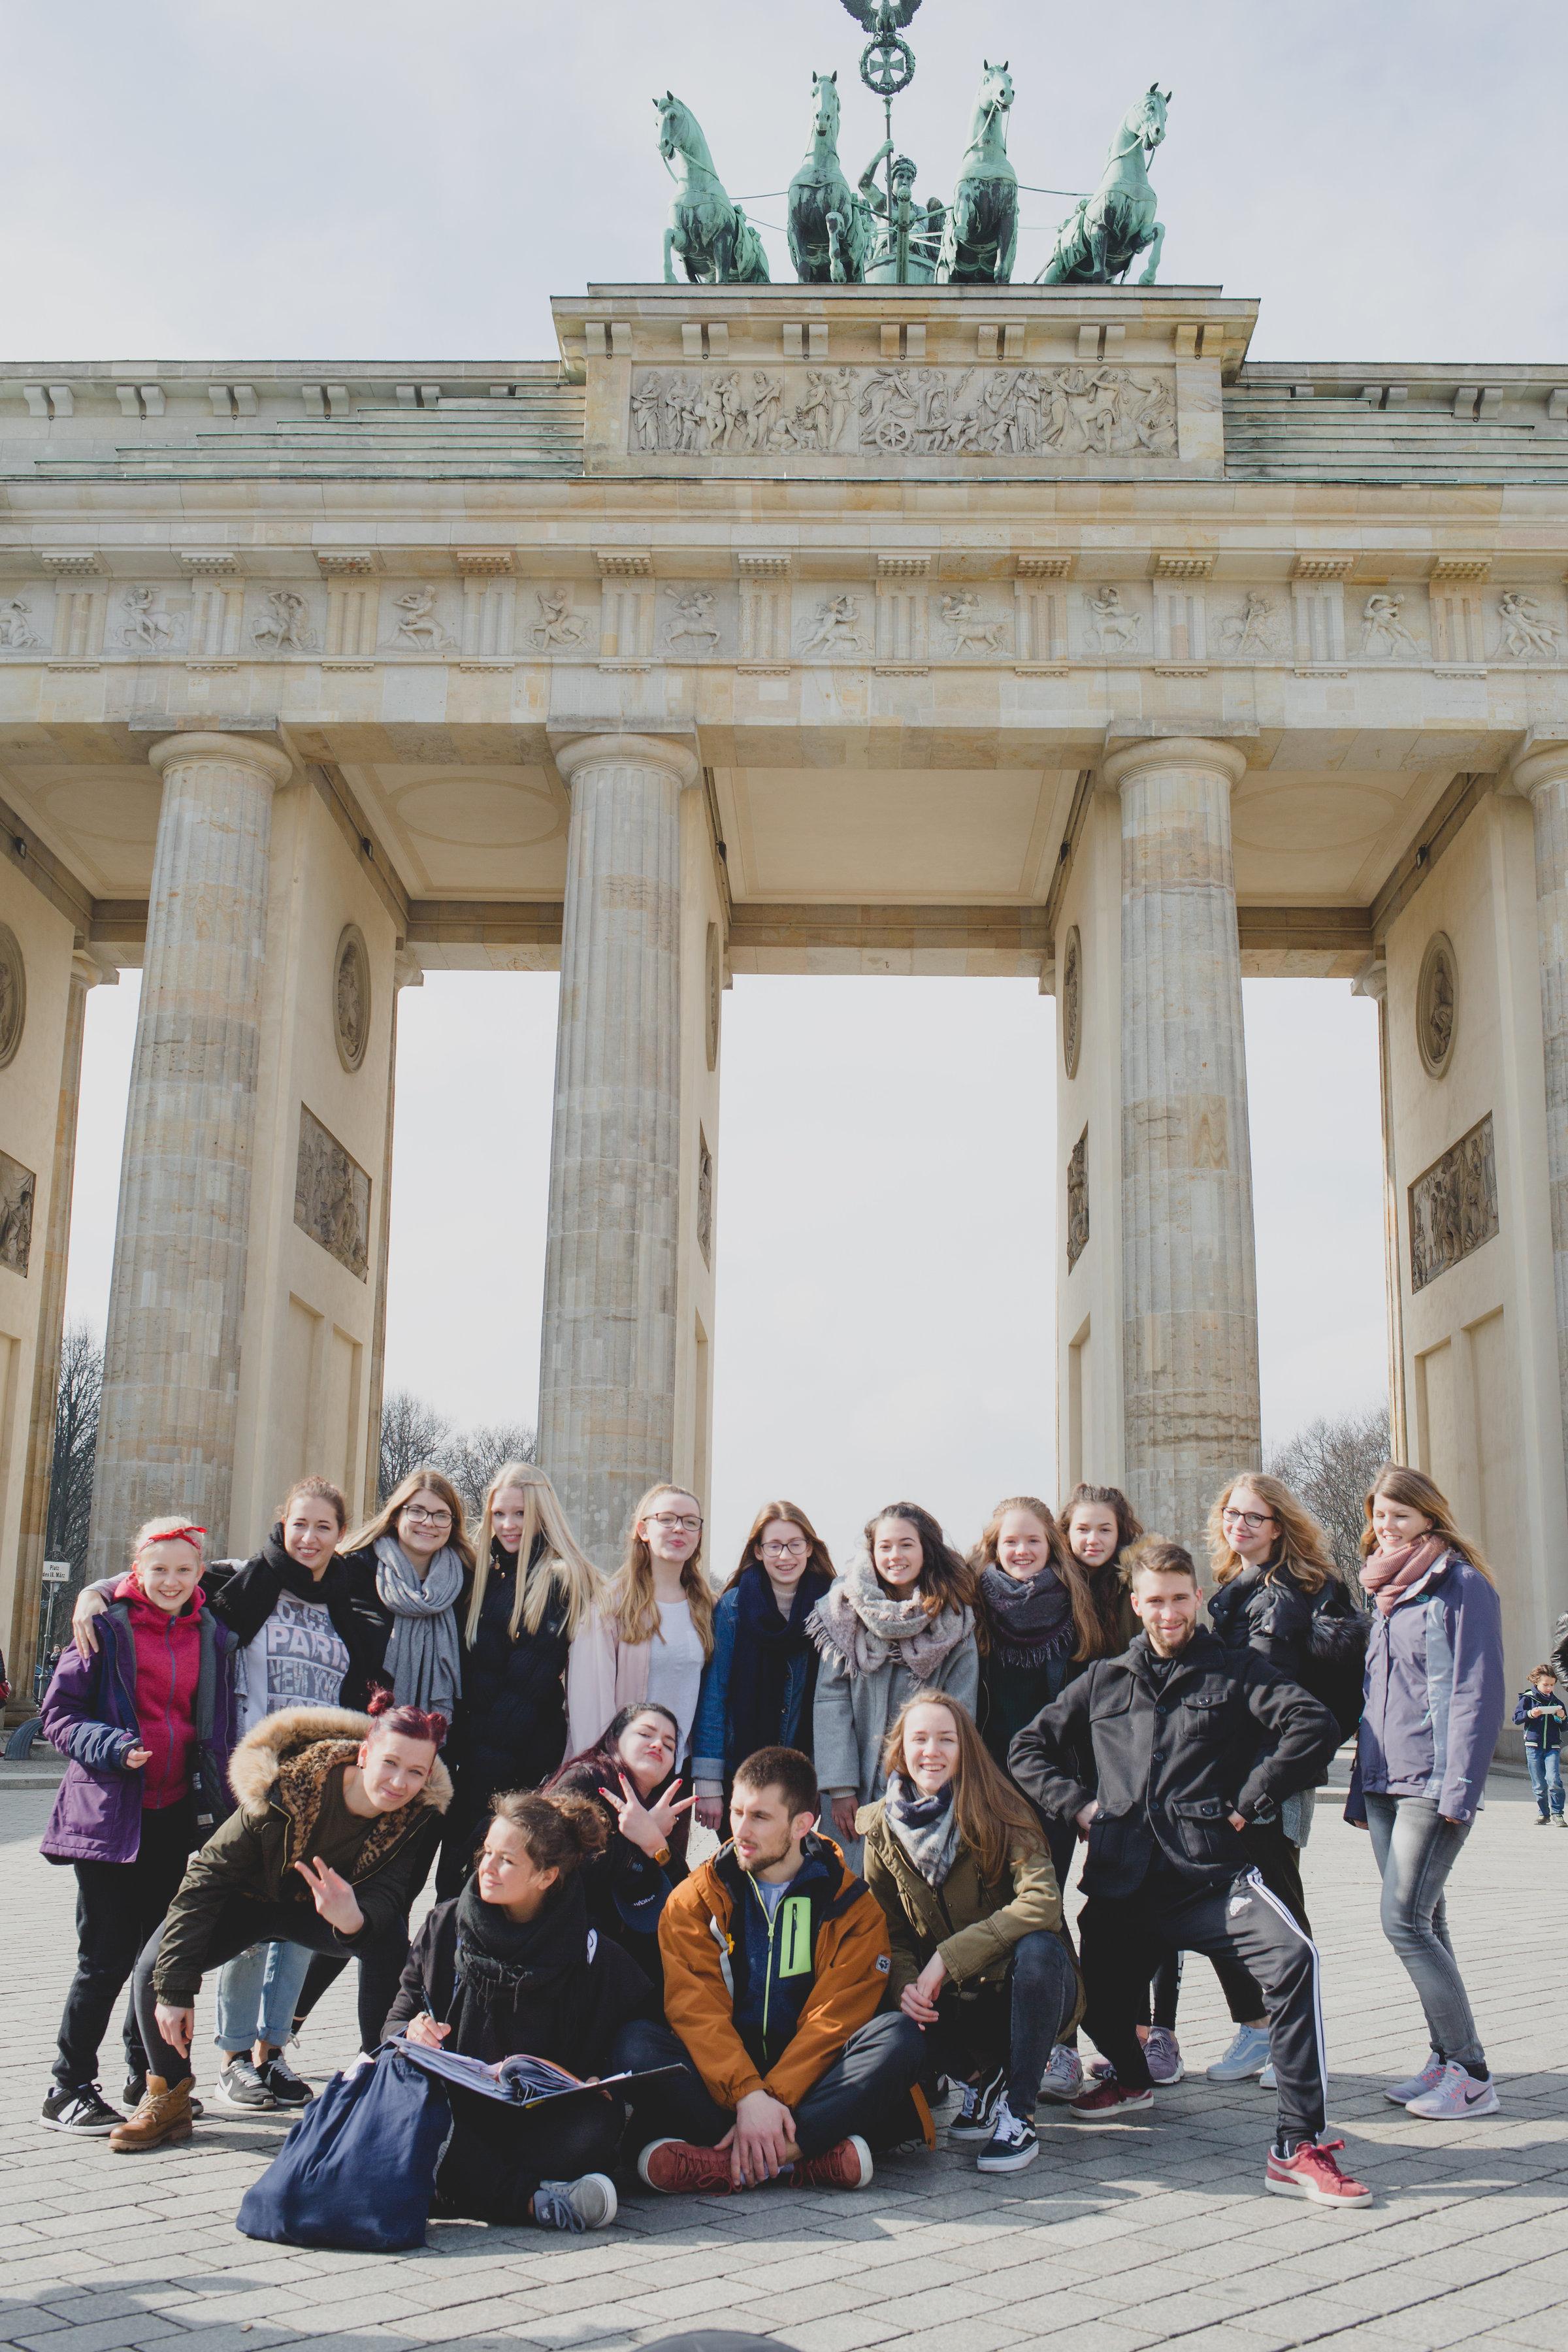 CS_juzelohr-berlin-244